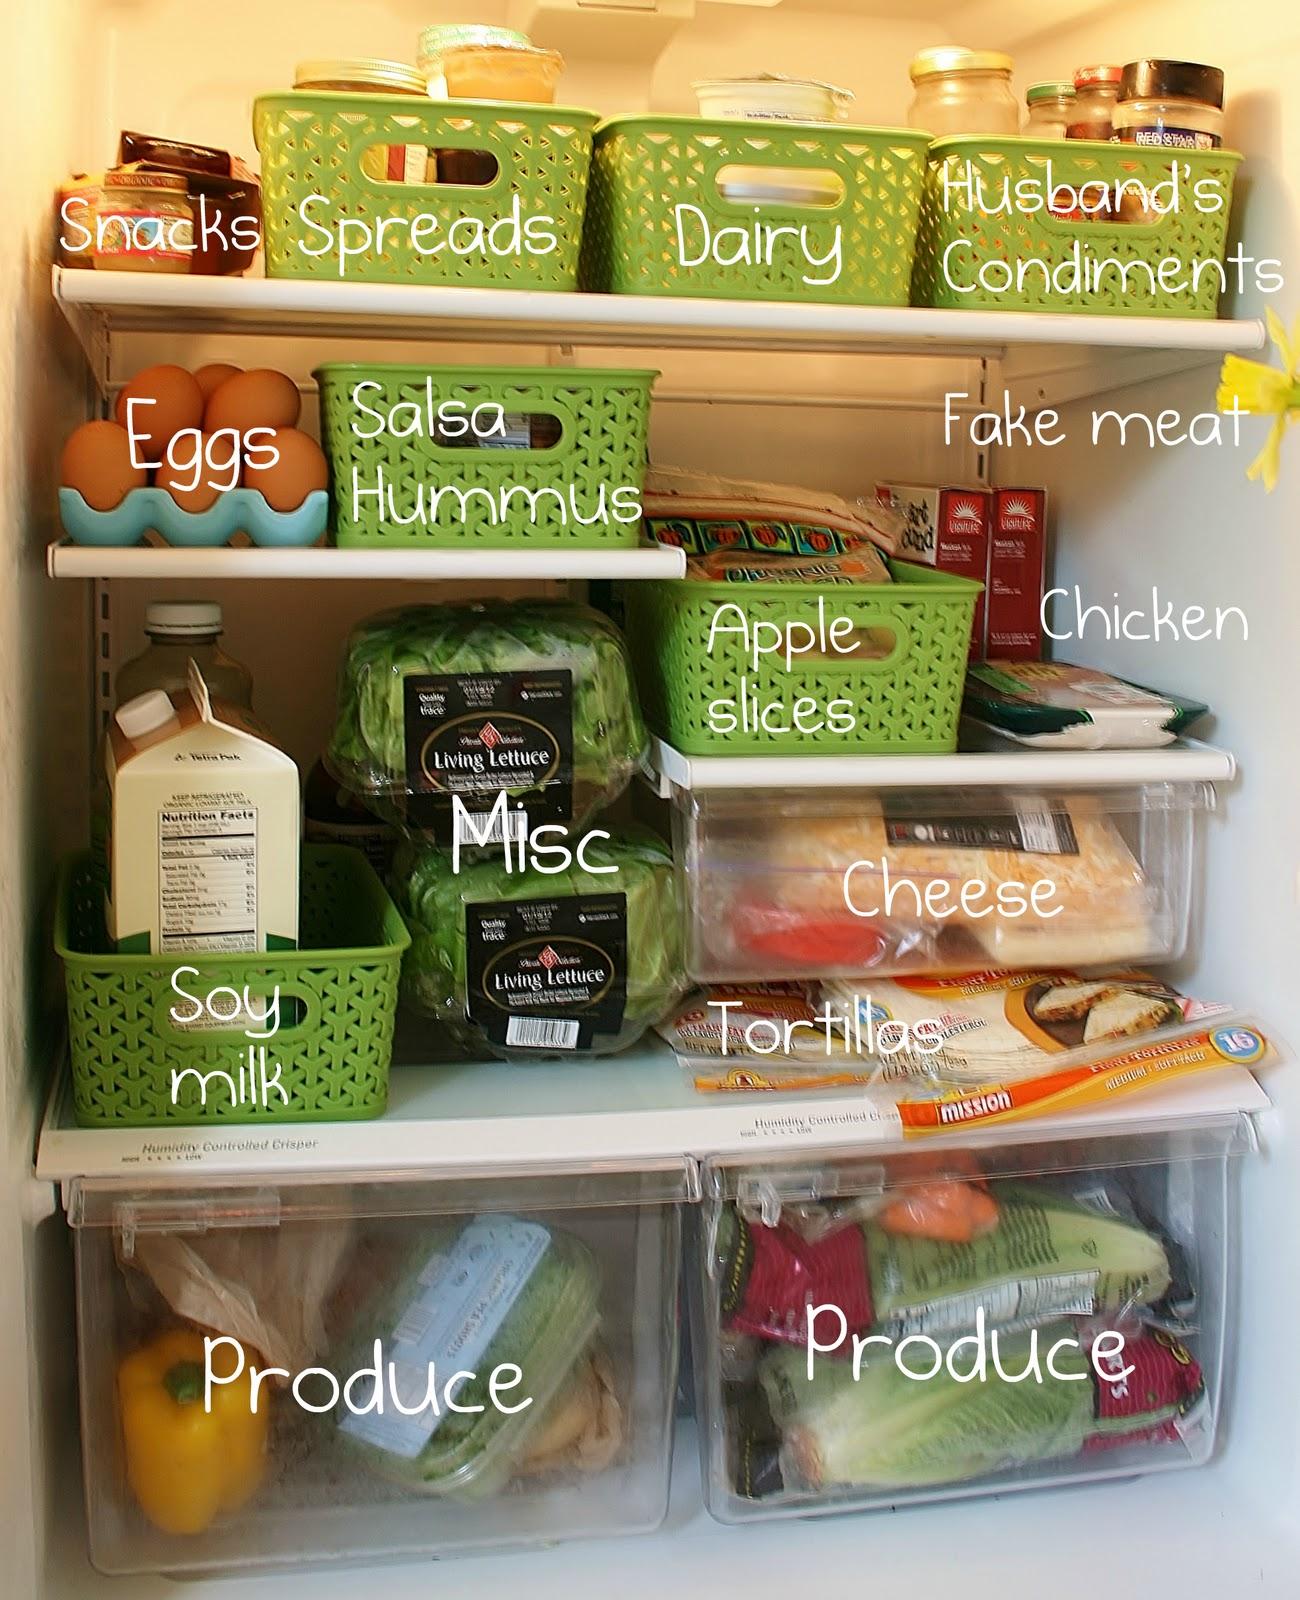 گروه بندی مواد غذایی در یخچال